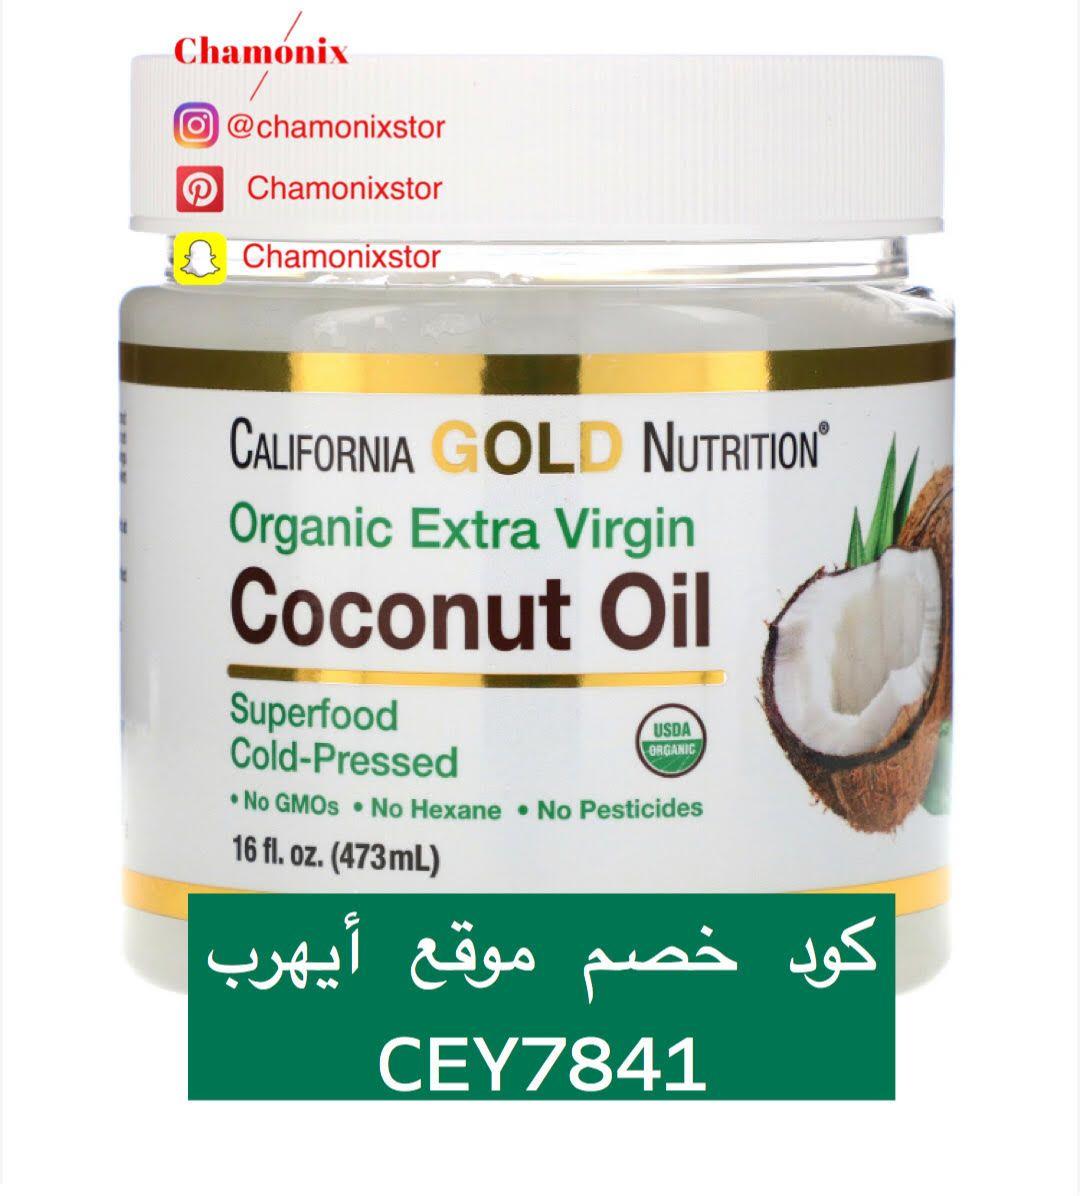 زيت جوز الهند البكر العضوي المعصور على البارد Coconut Health Benefits Organic Extra Virgin Coconut Oil Superfood